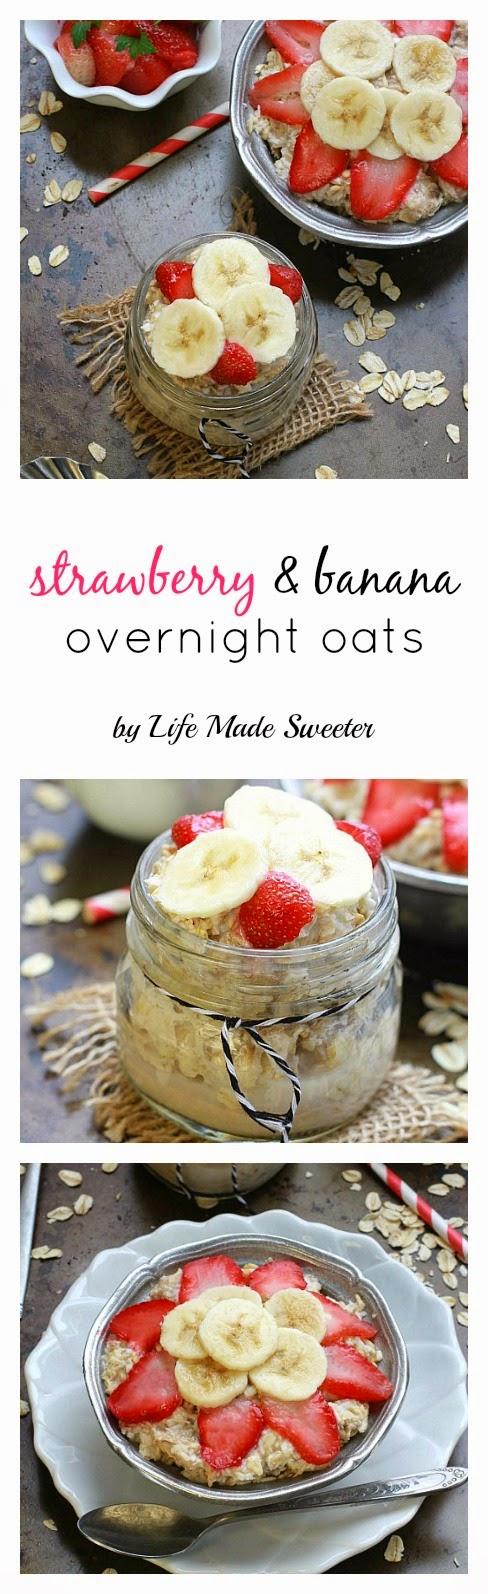 Strawberry, Banana & Coconut Overnight Oats via @LifeMadeSweeter.jpg